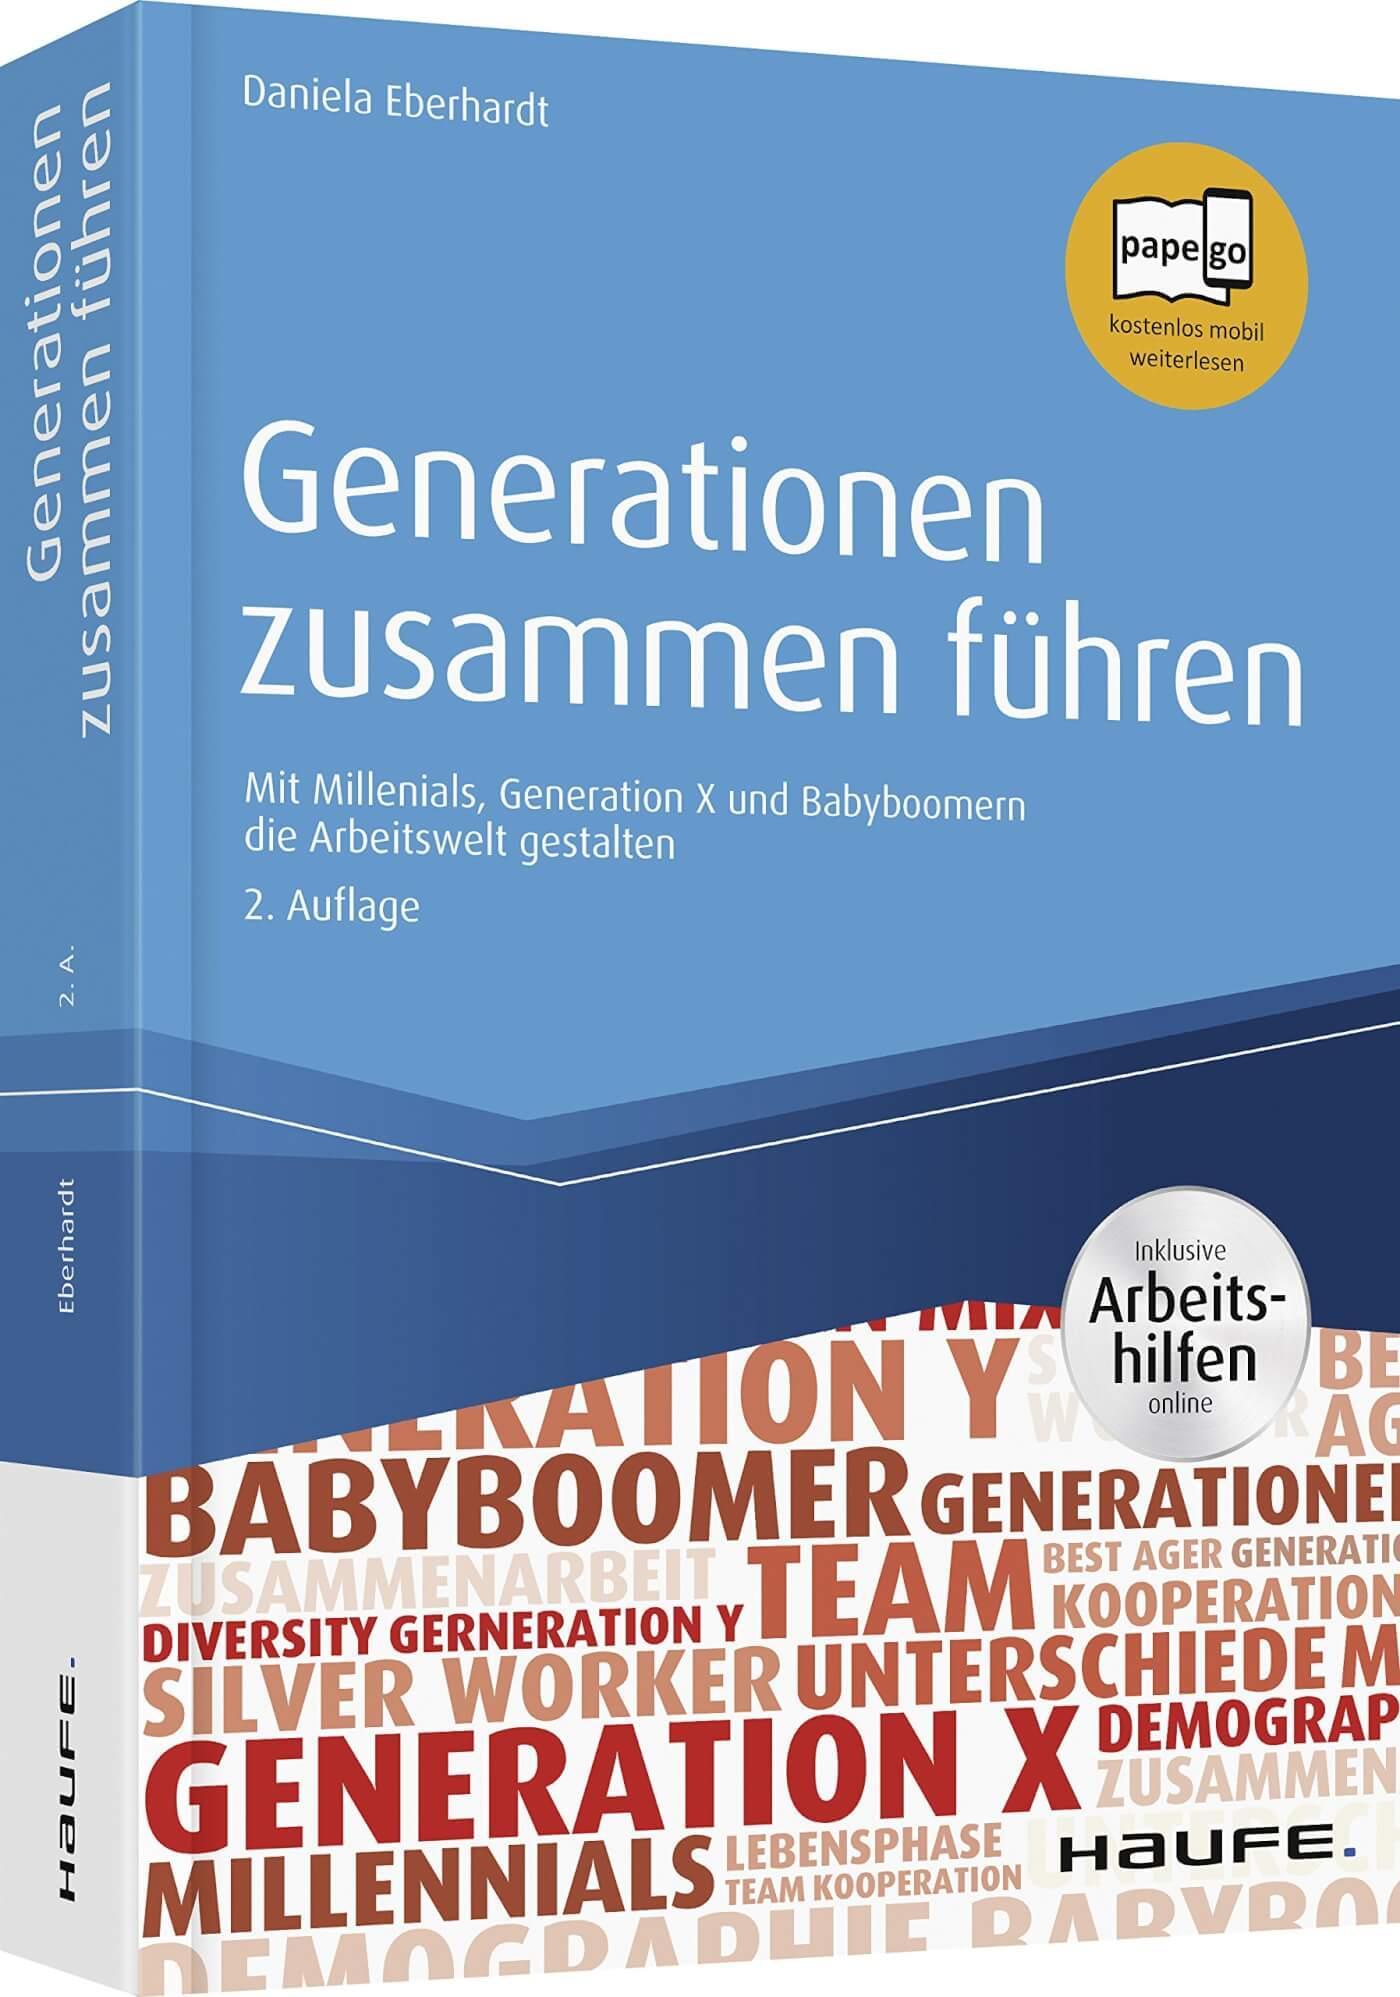 Generationen zusammen führen: Mit Millennials, Generation X und Babyboomern die Arbeitswelt gestalten